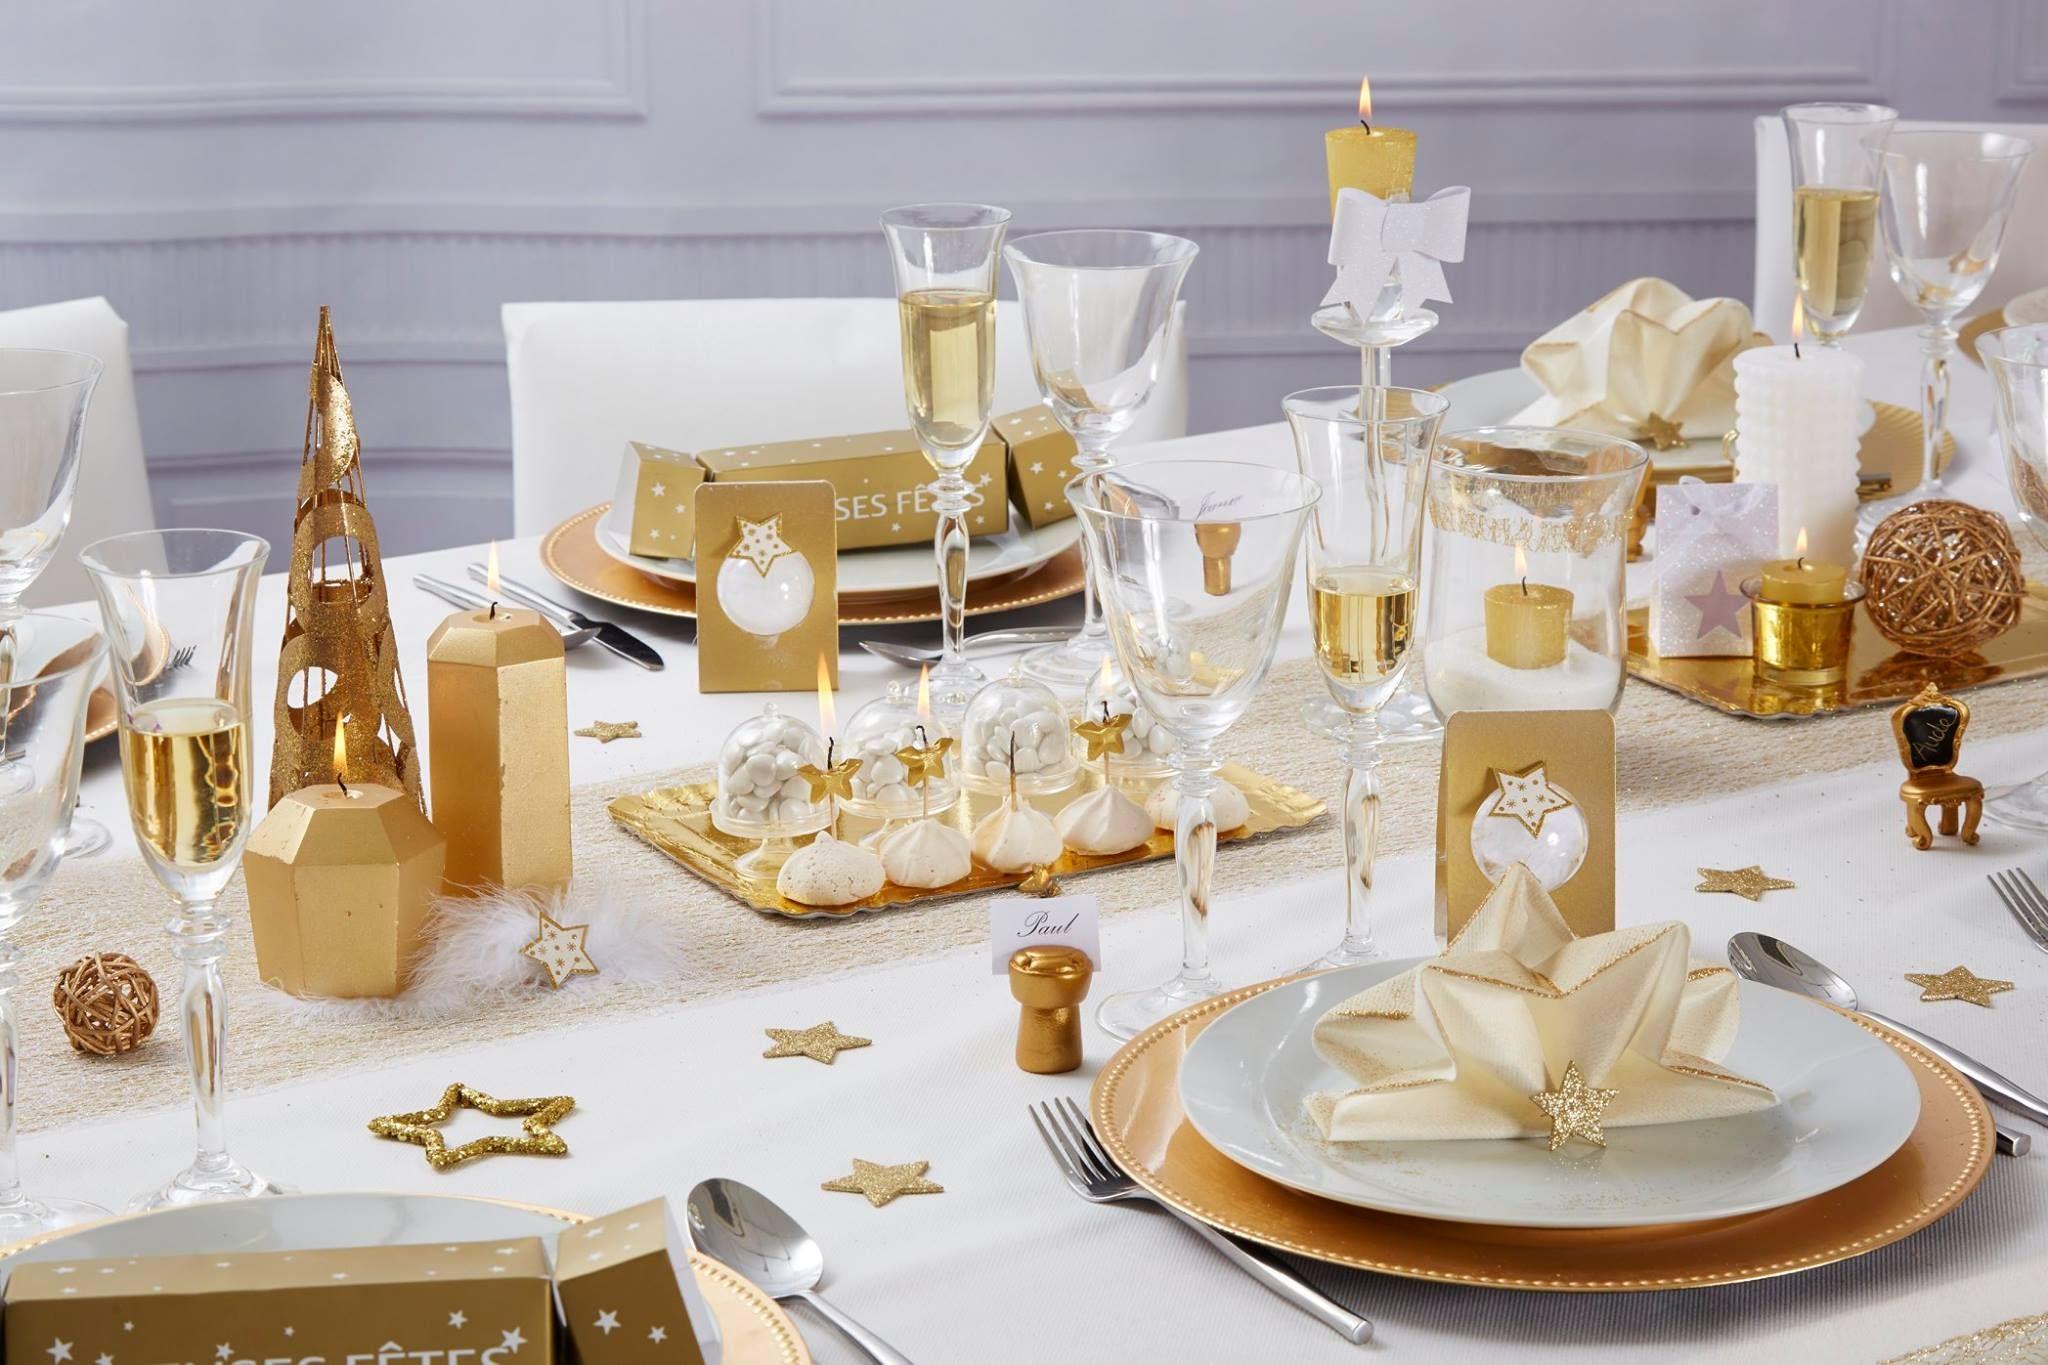 Belle Ambiance Pour Cette Jolie Table De Noel Noel Pinterest